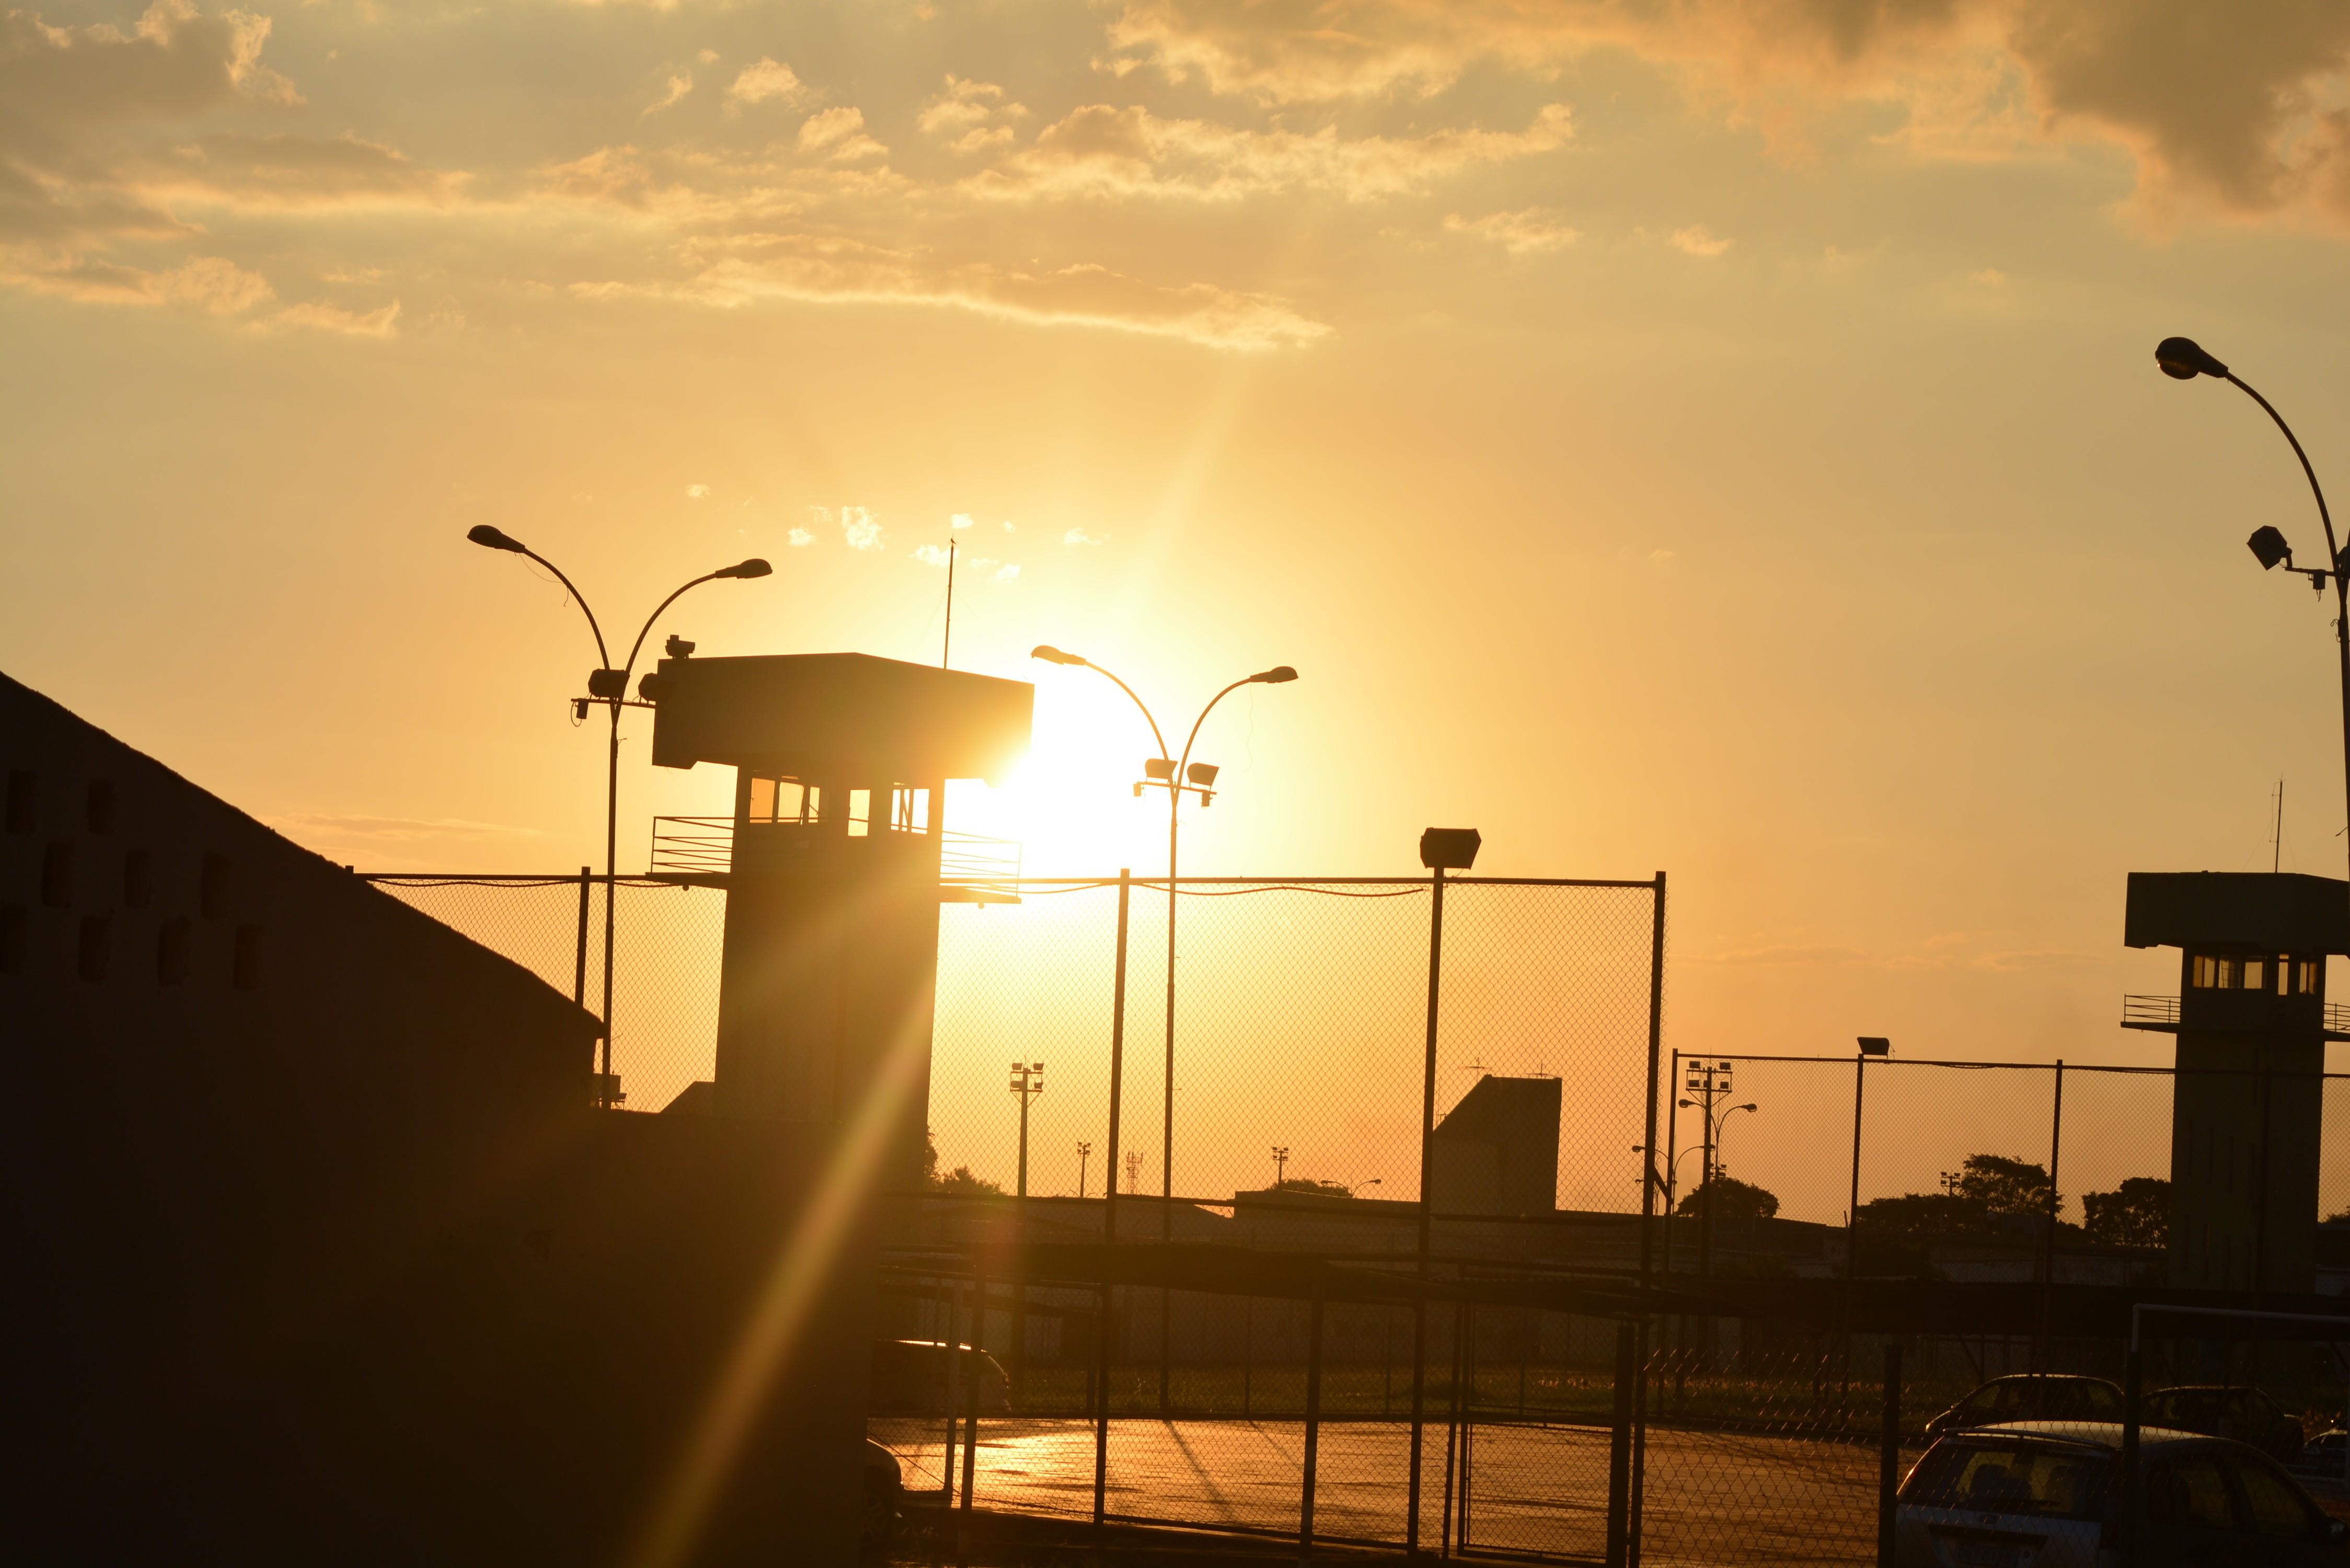 Coronavírus: unidades prisionais da região de Campinas realizam 342 atendimentos virtuais